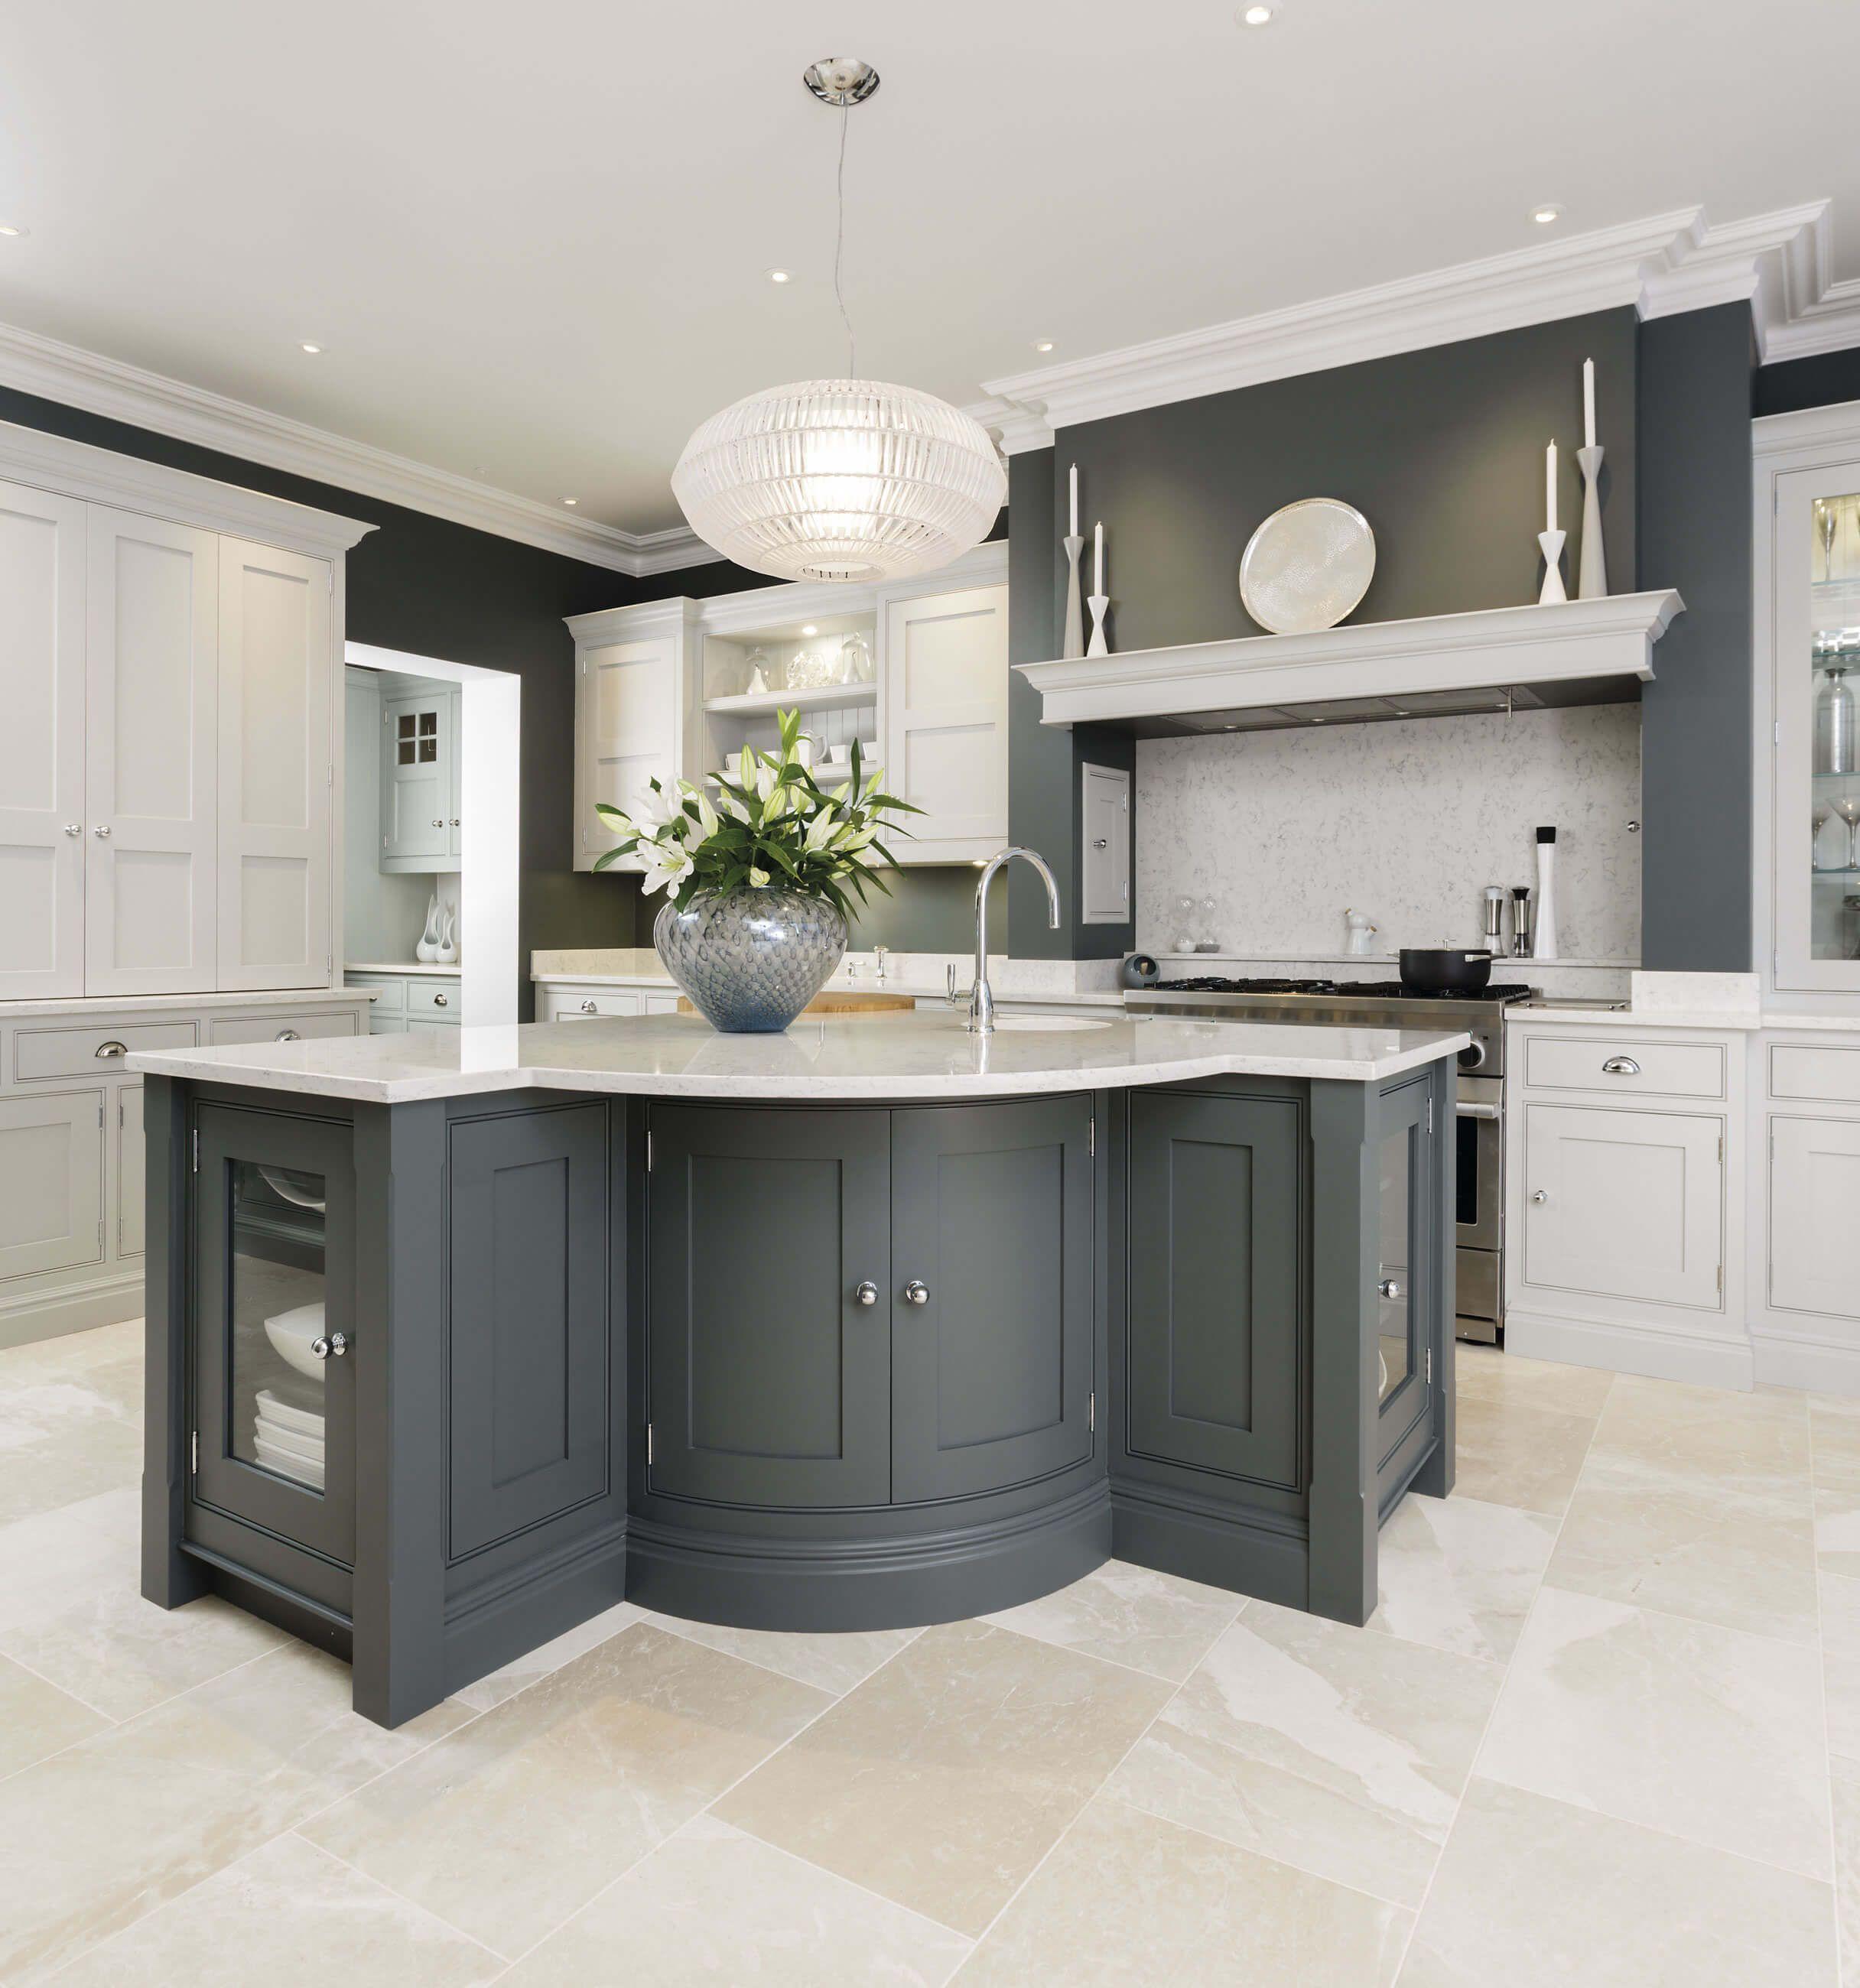 Kitchen Island Kitchen design small, Grey kitchens, Grey